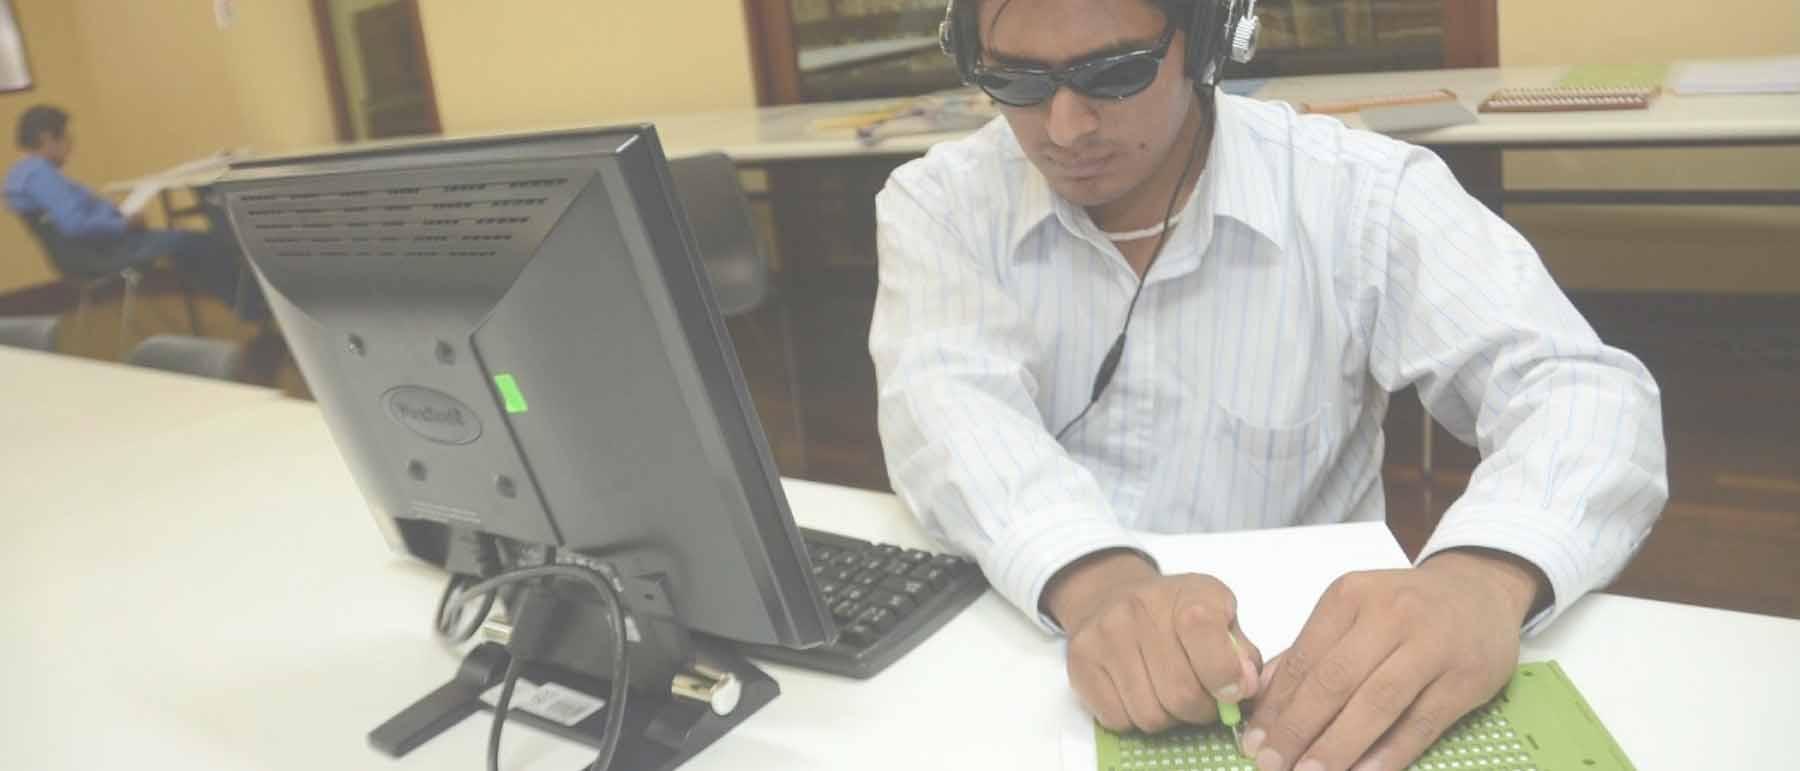 trabajadores con discapacidad visual